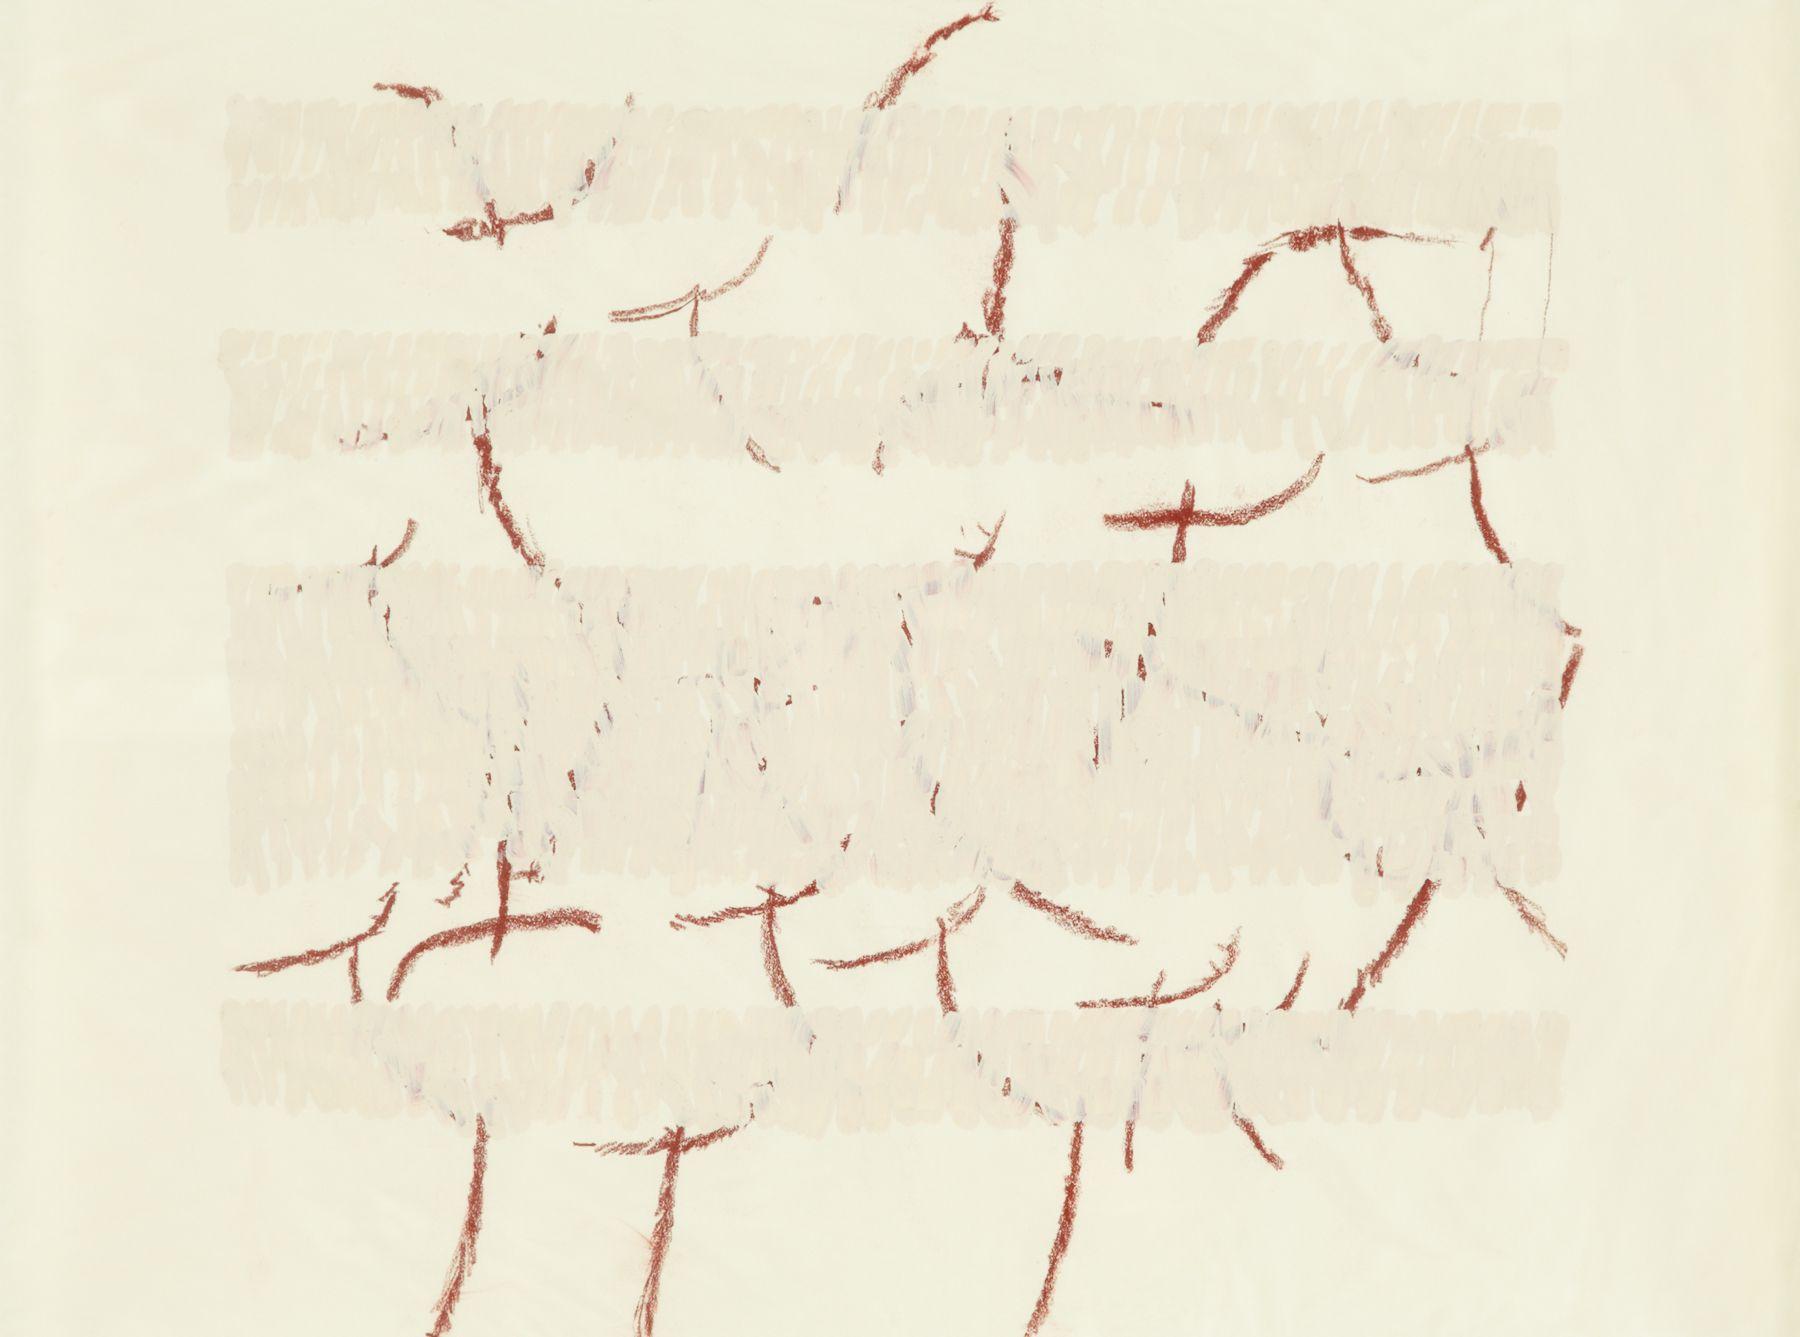 Warren Rohrer Drawings, Untitled 3 1990-94, Locks Gallery